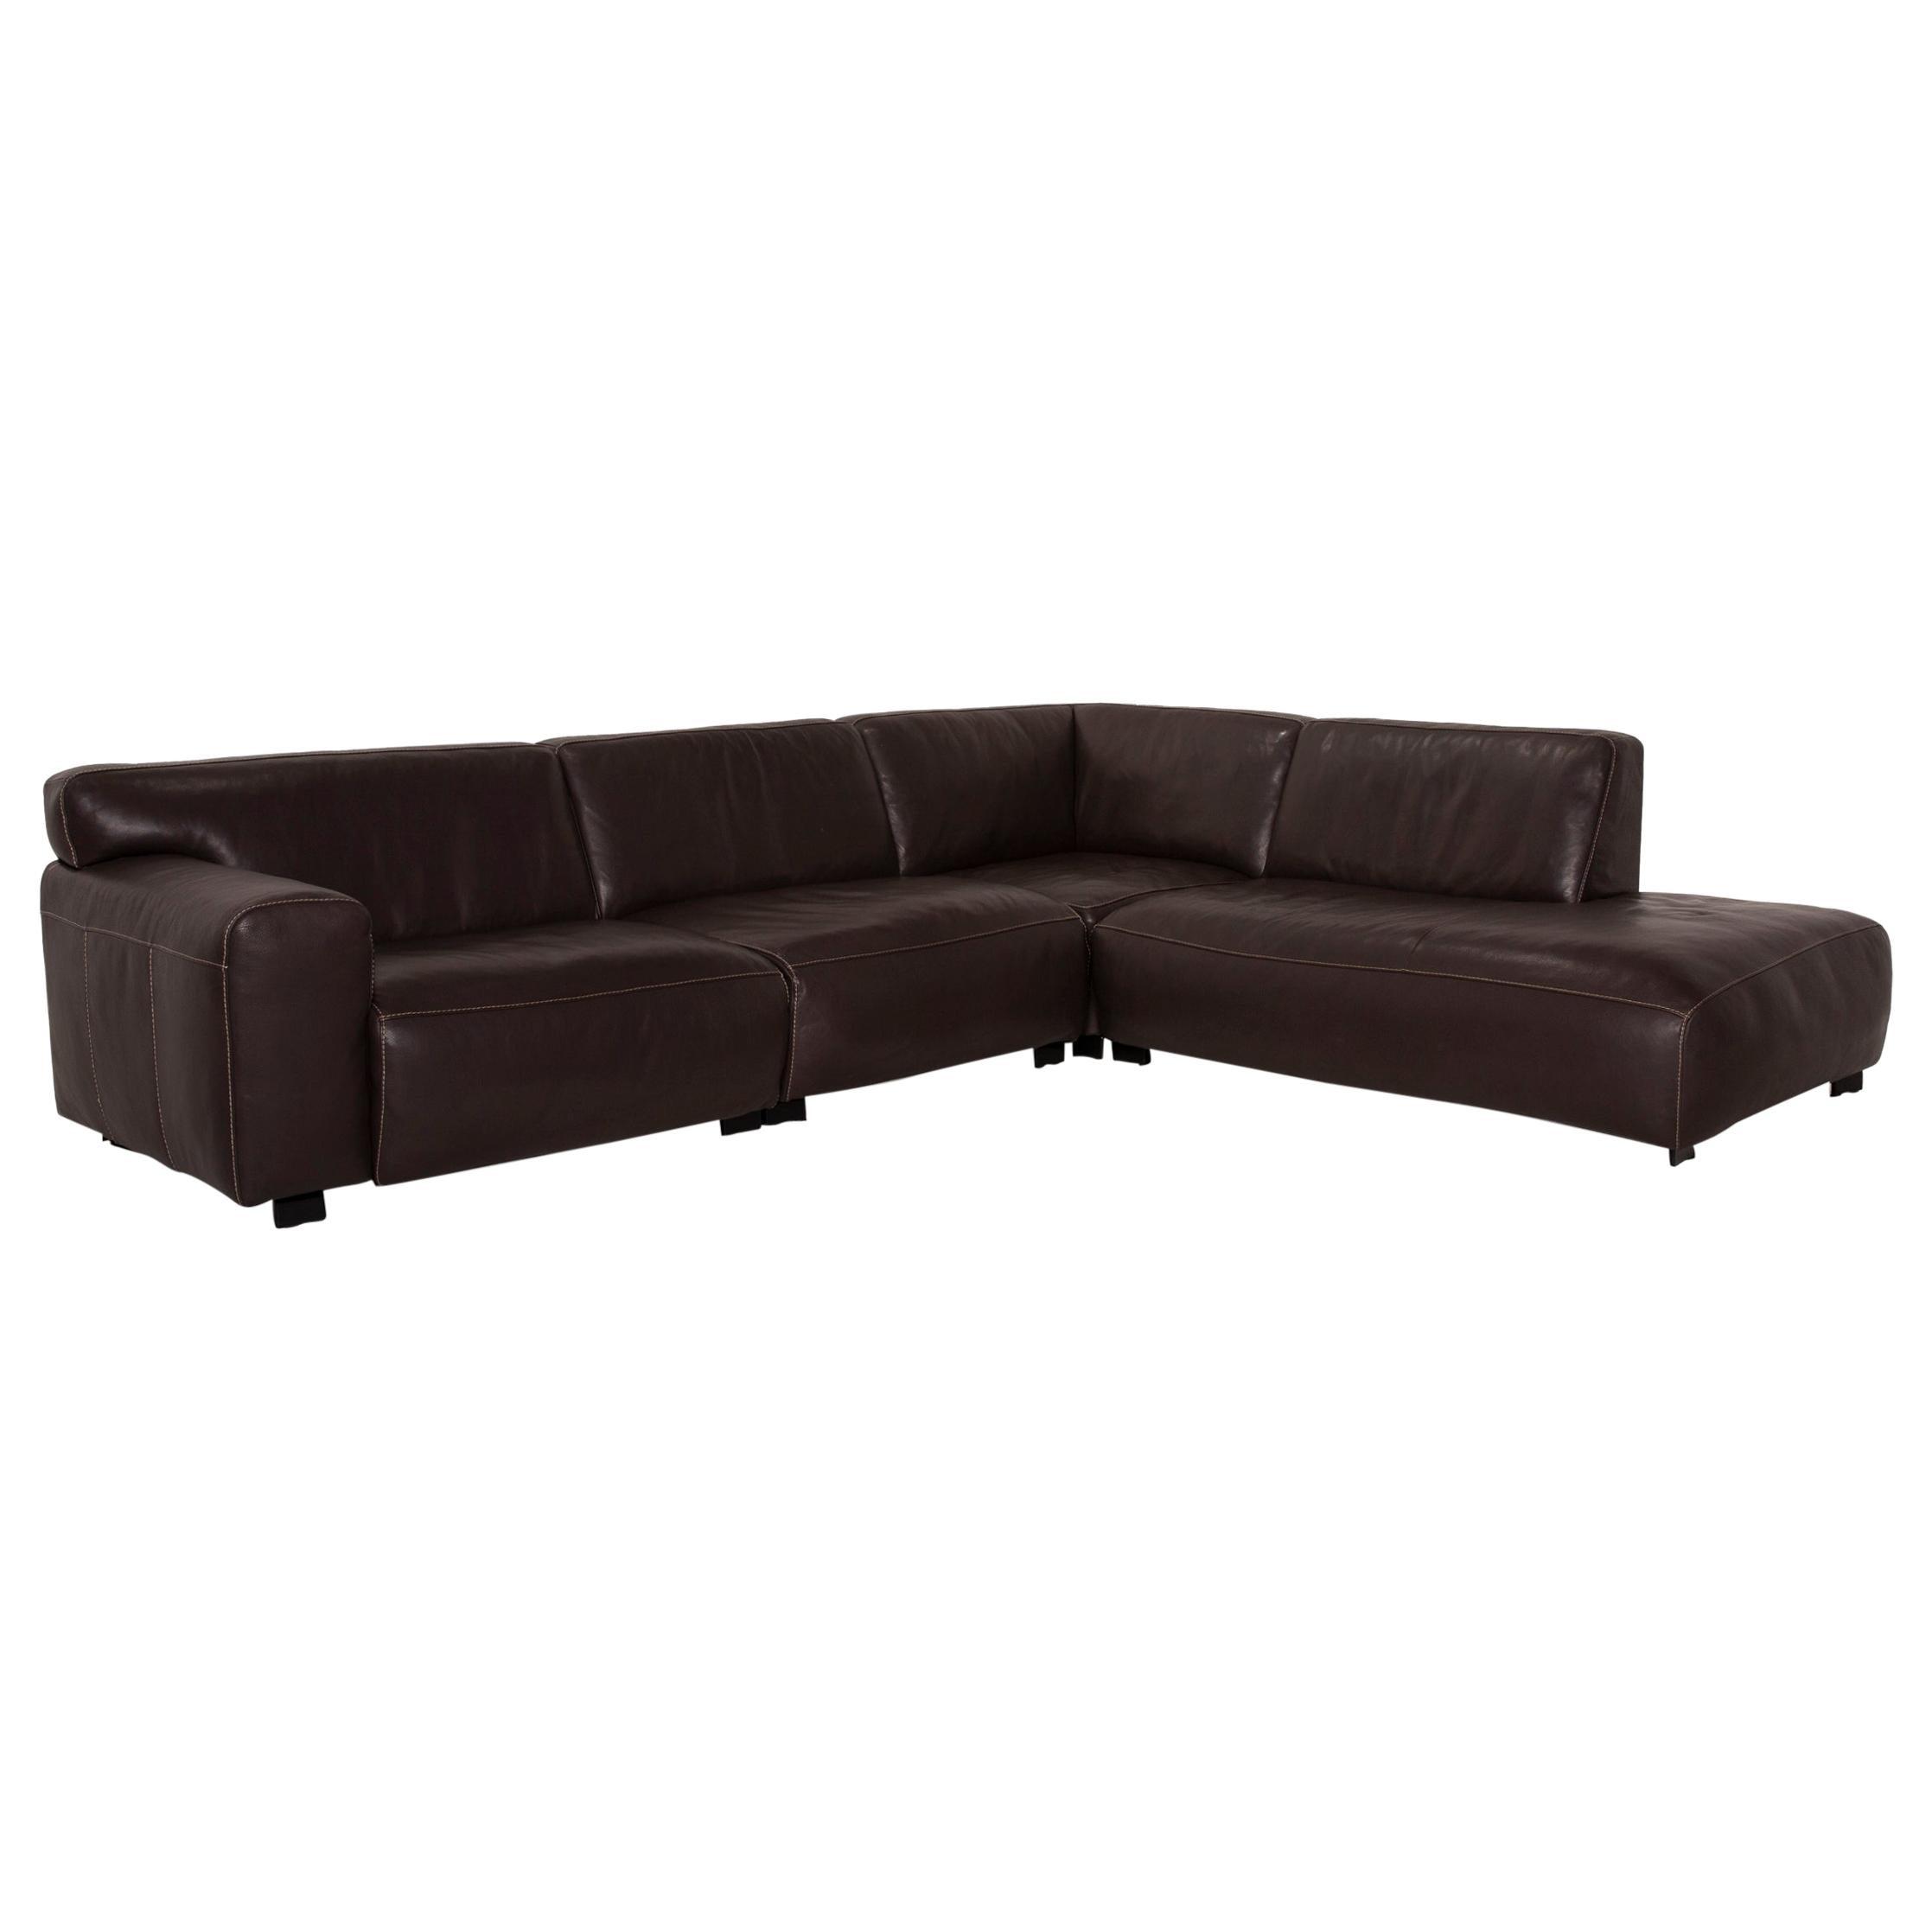 Furninova Leather Sofa Brown Corner Sofa